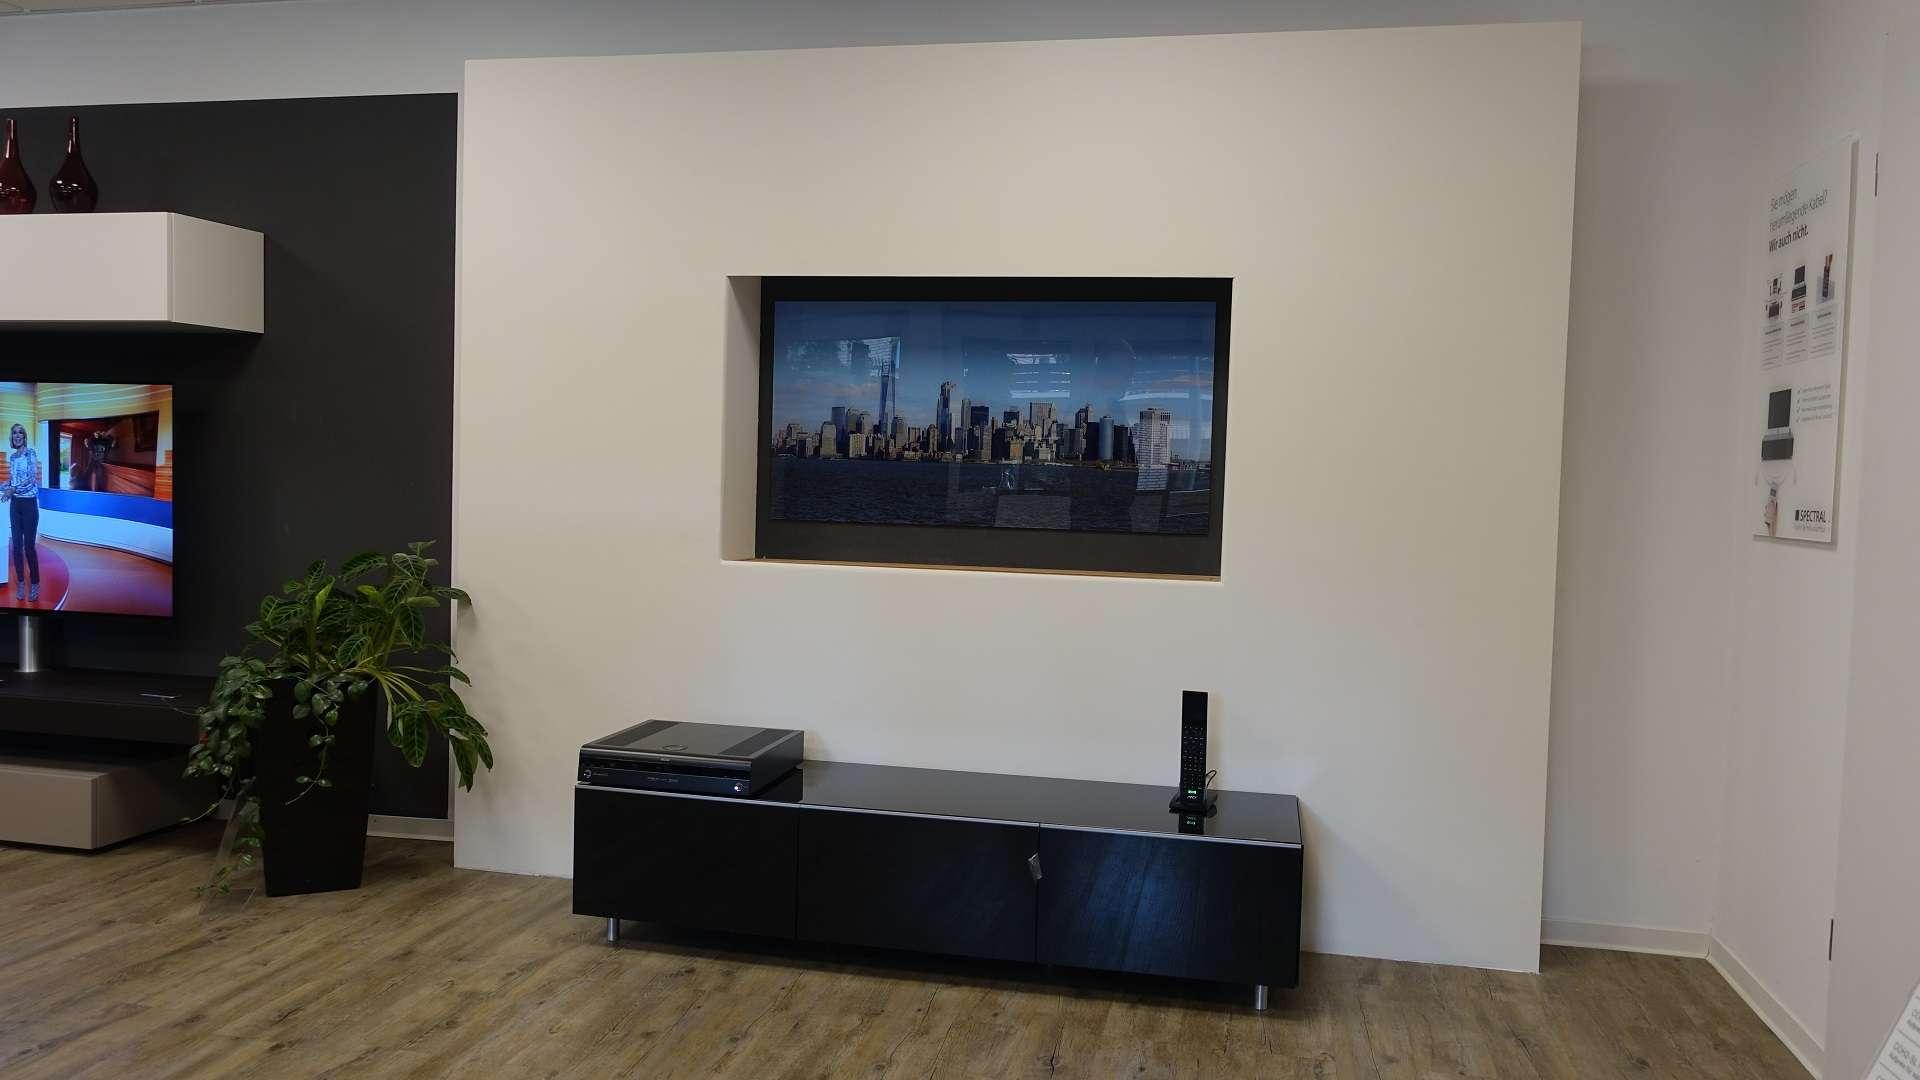 unsichtbare lautsprecher versteckter fernseher so. Black Bedroom Furniture Sets. Home Design Ideas